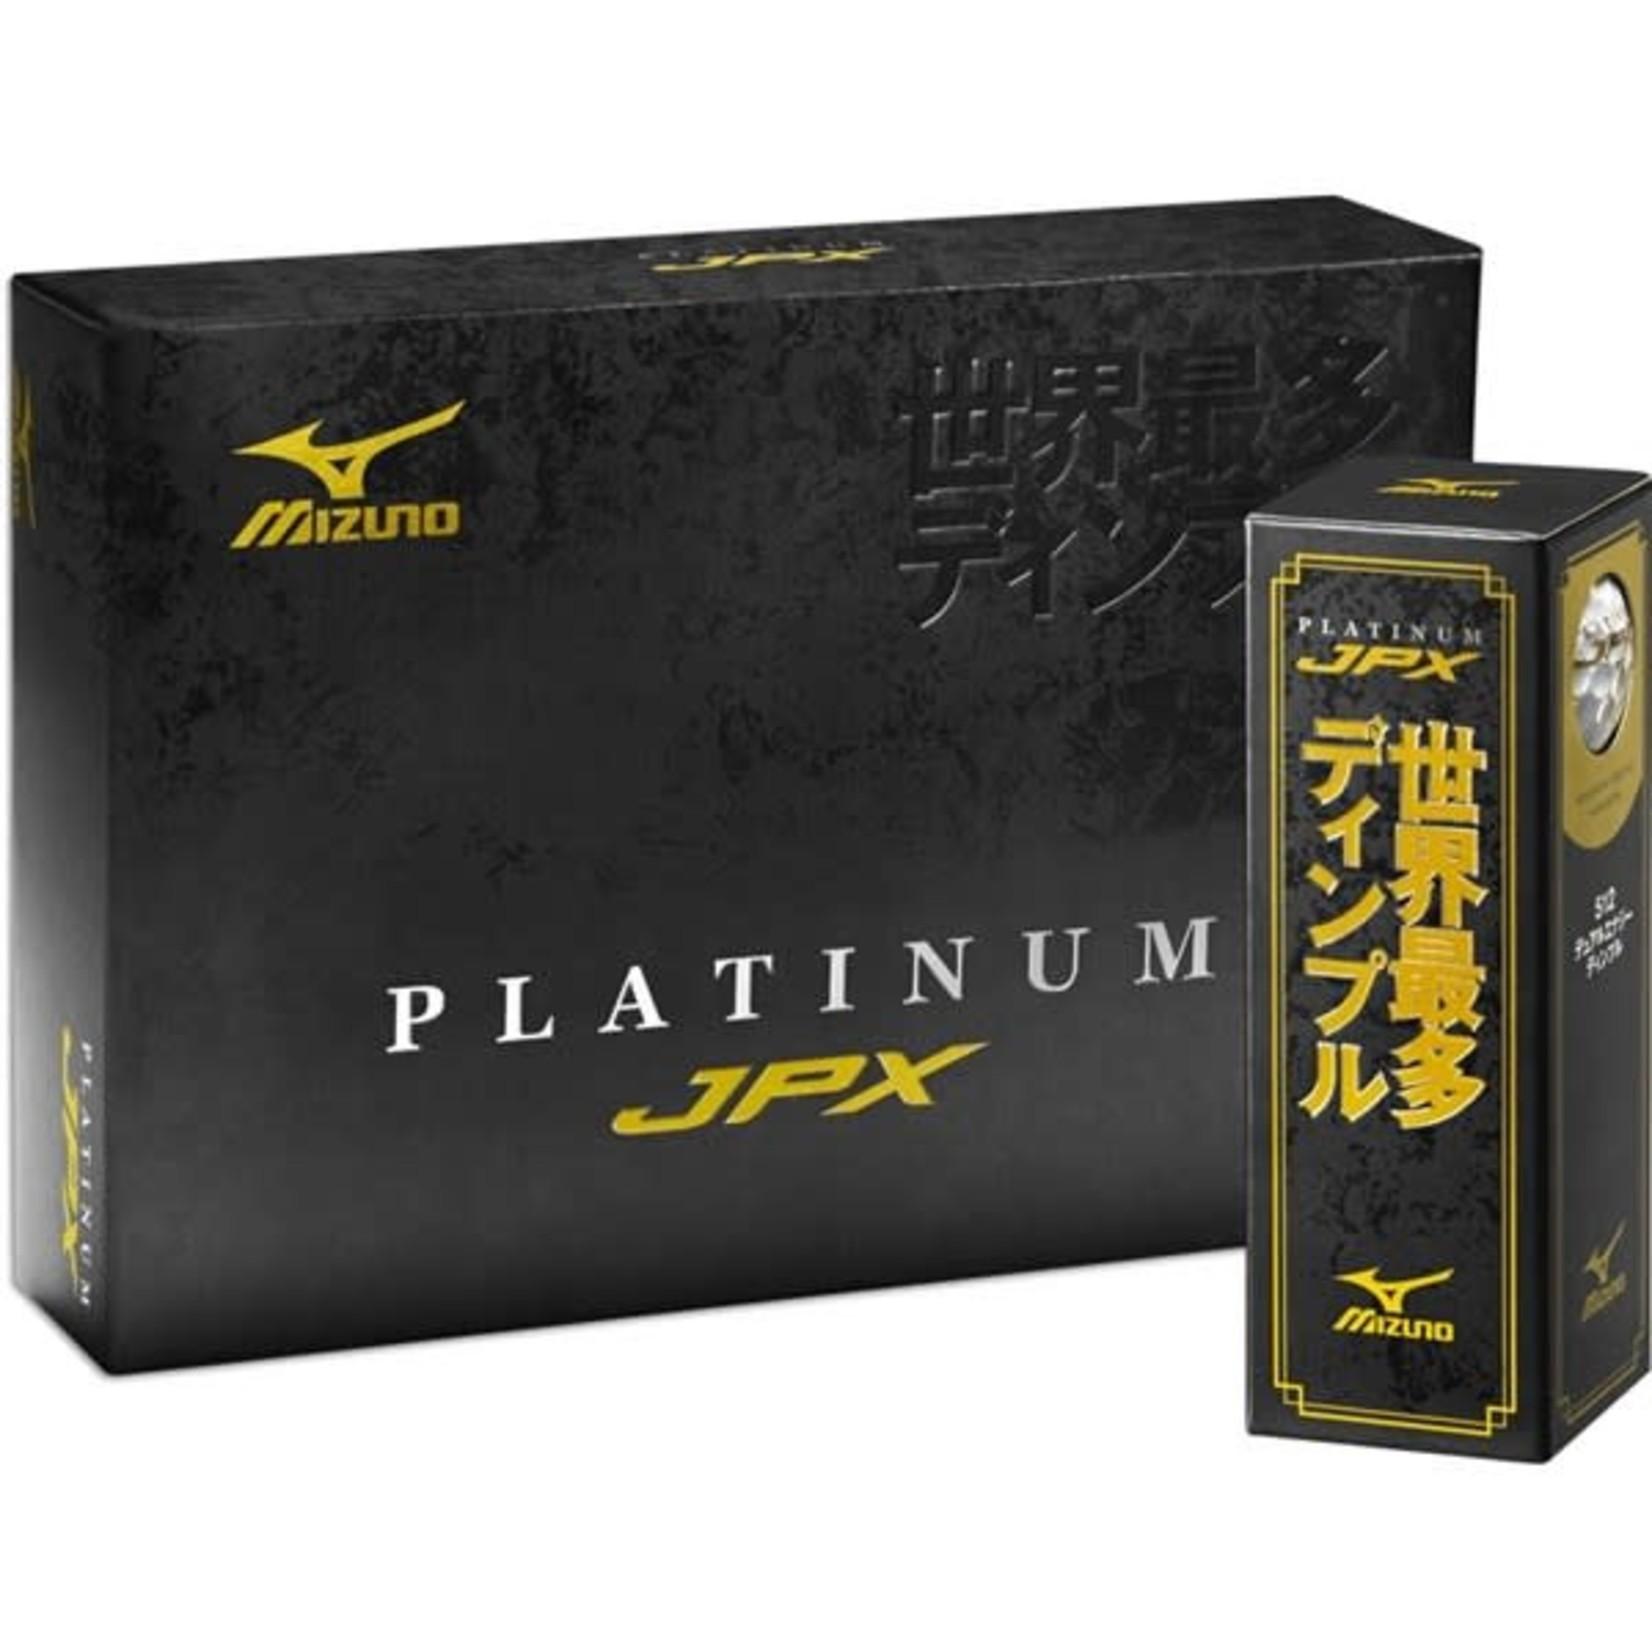 Mizuno Mizuno Platinum JPX